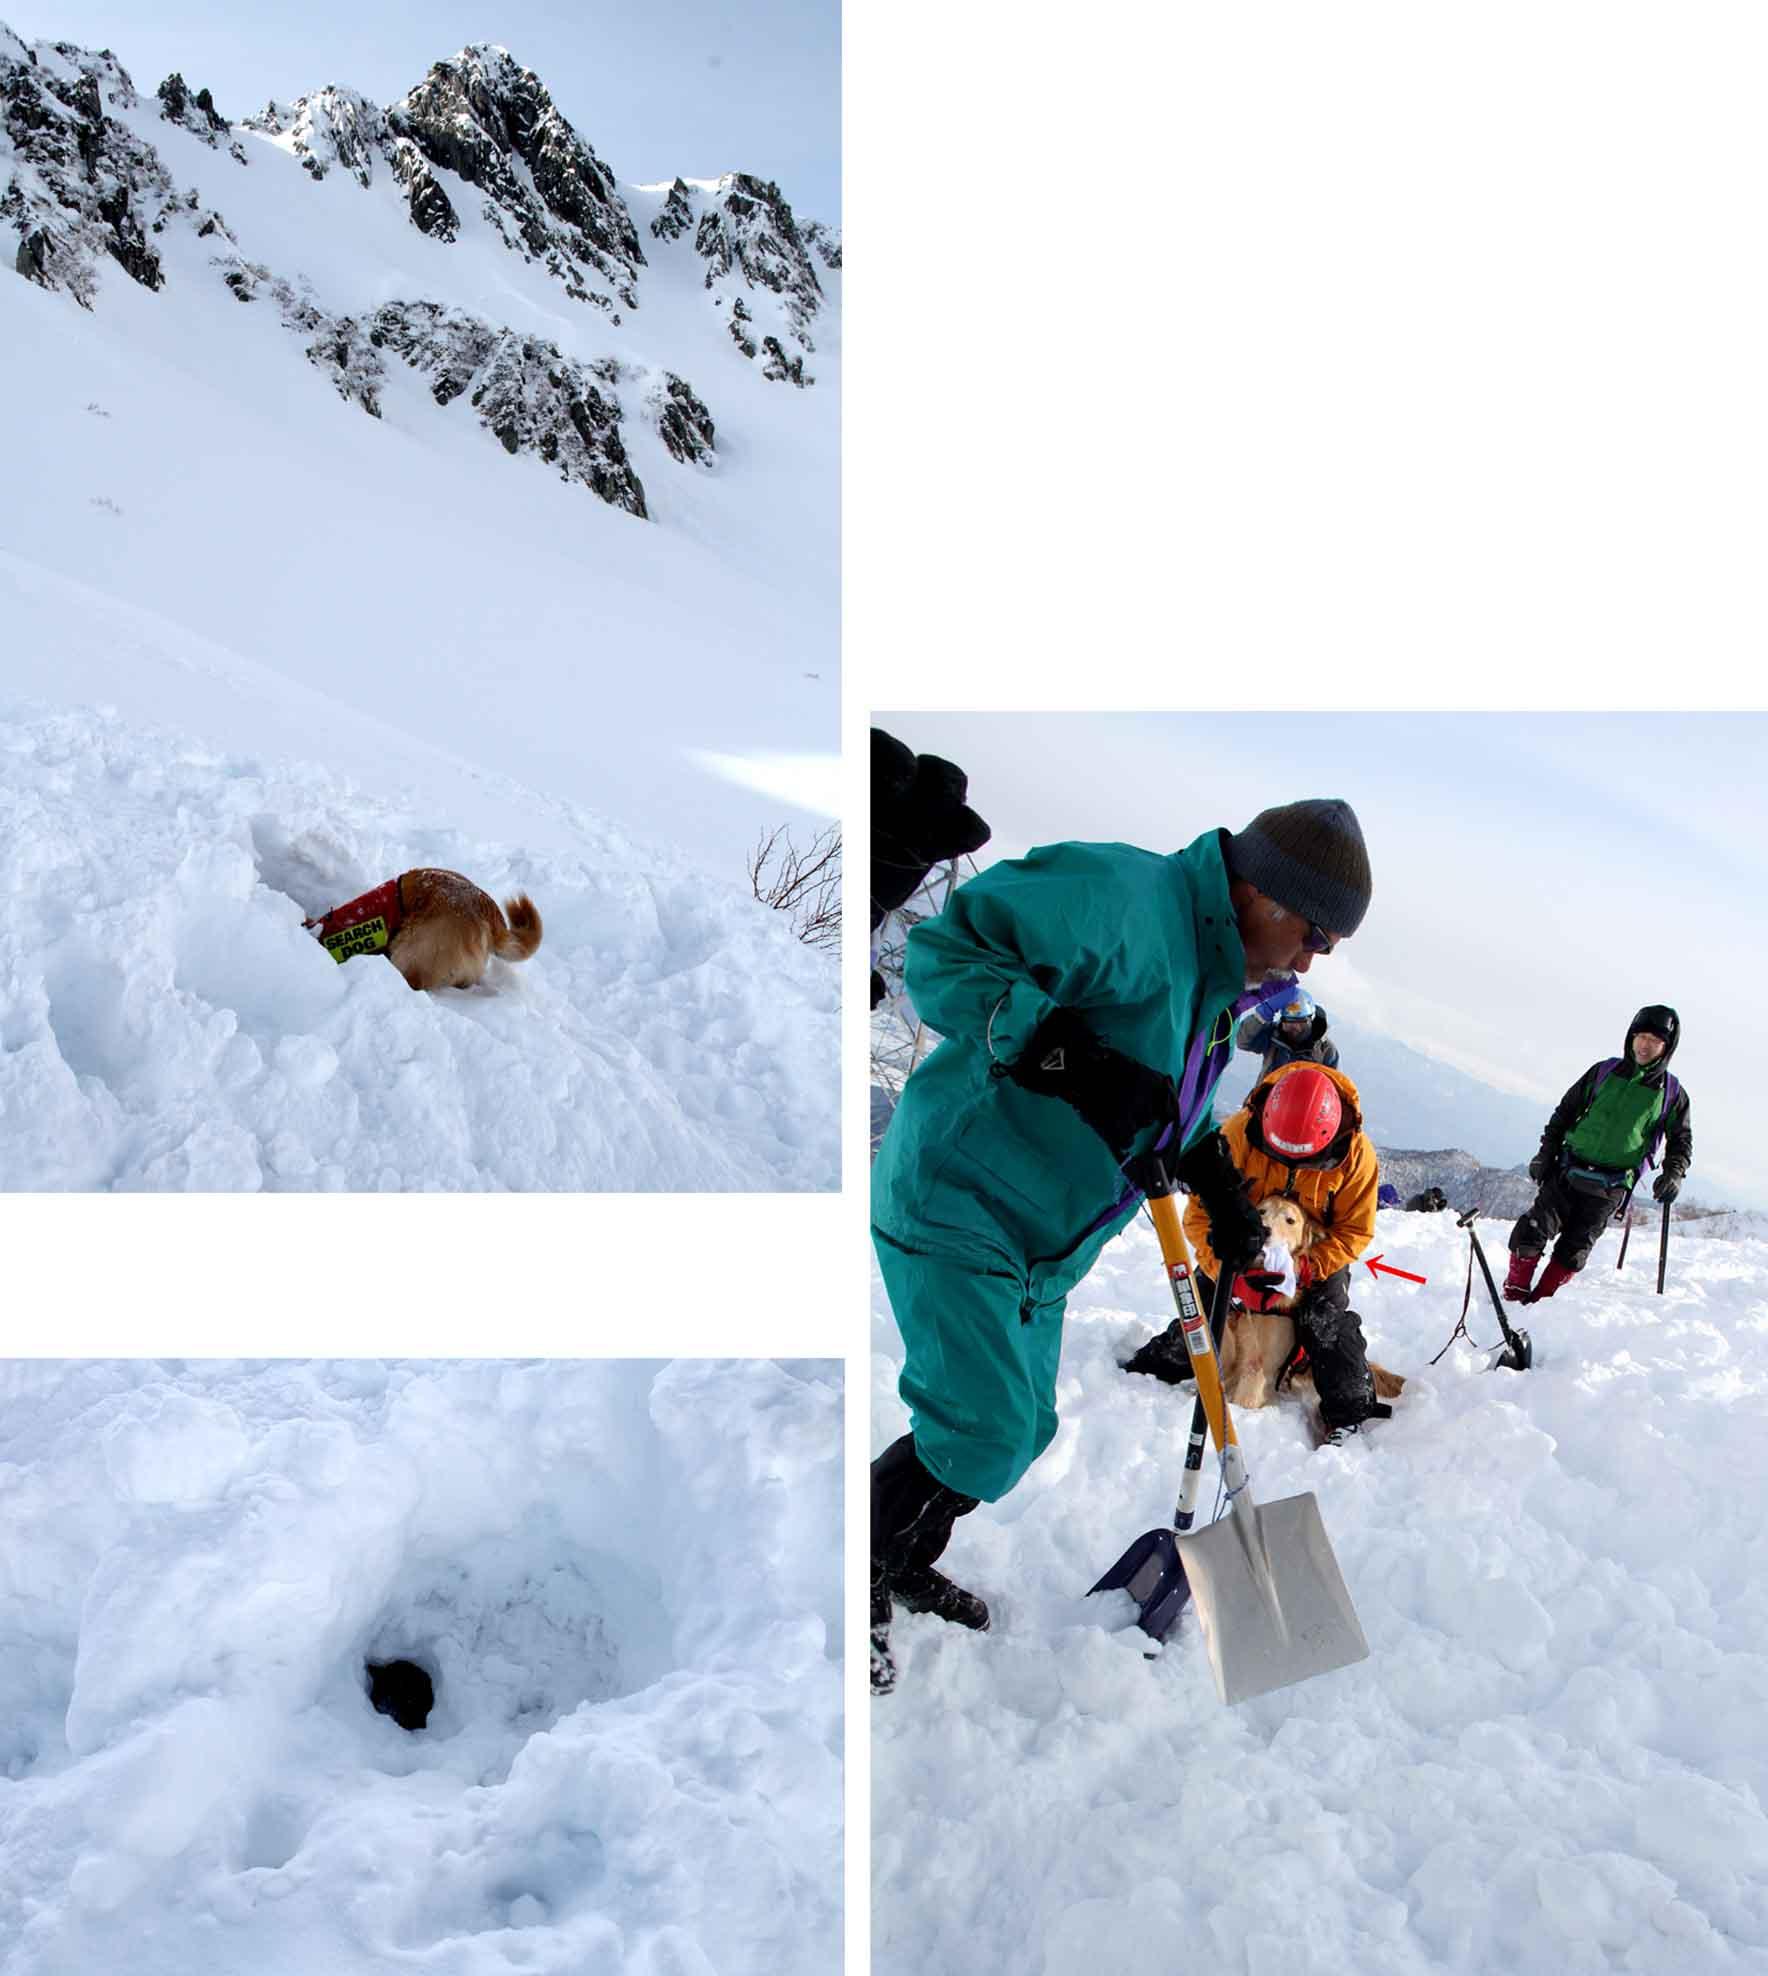 2014年 全国雪崩 (103)